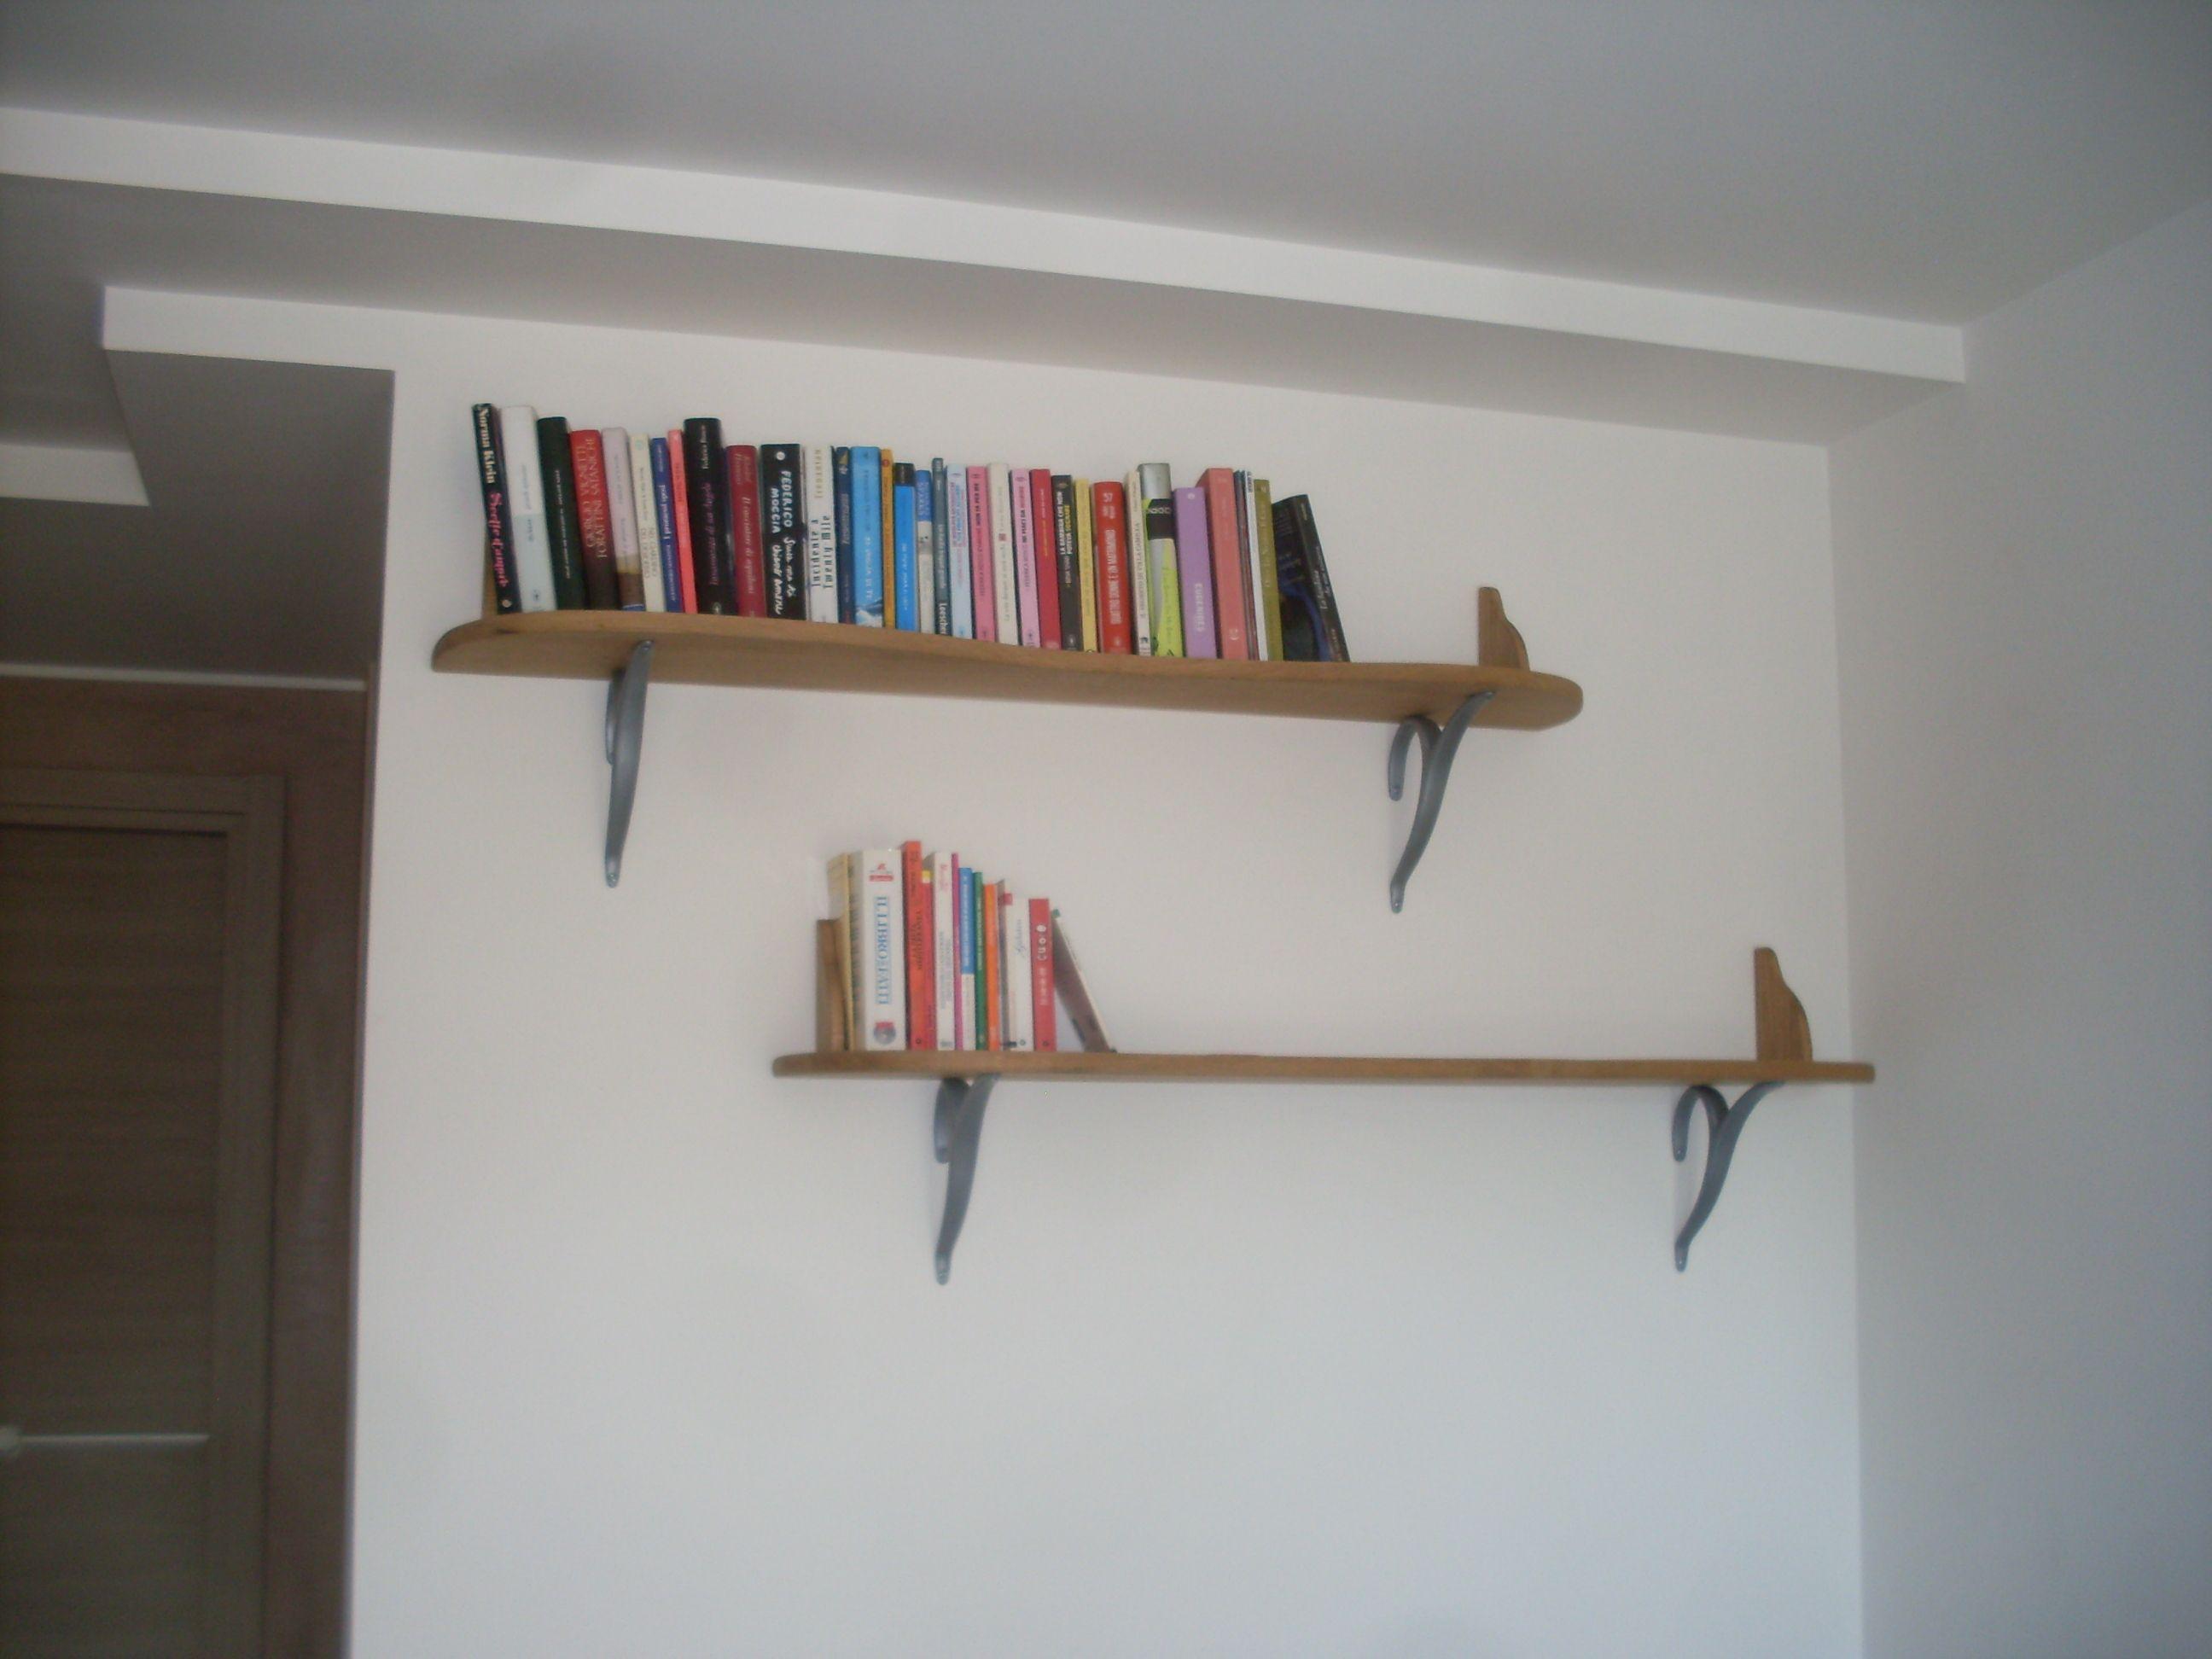 Mensole in legno massello con reggimensole a y